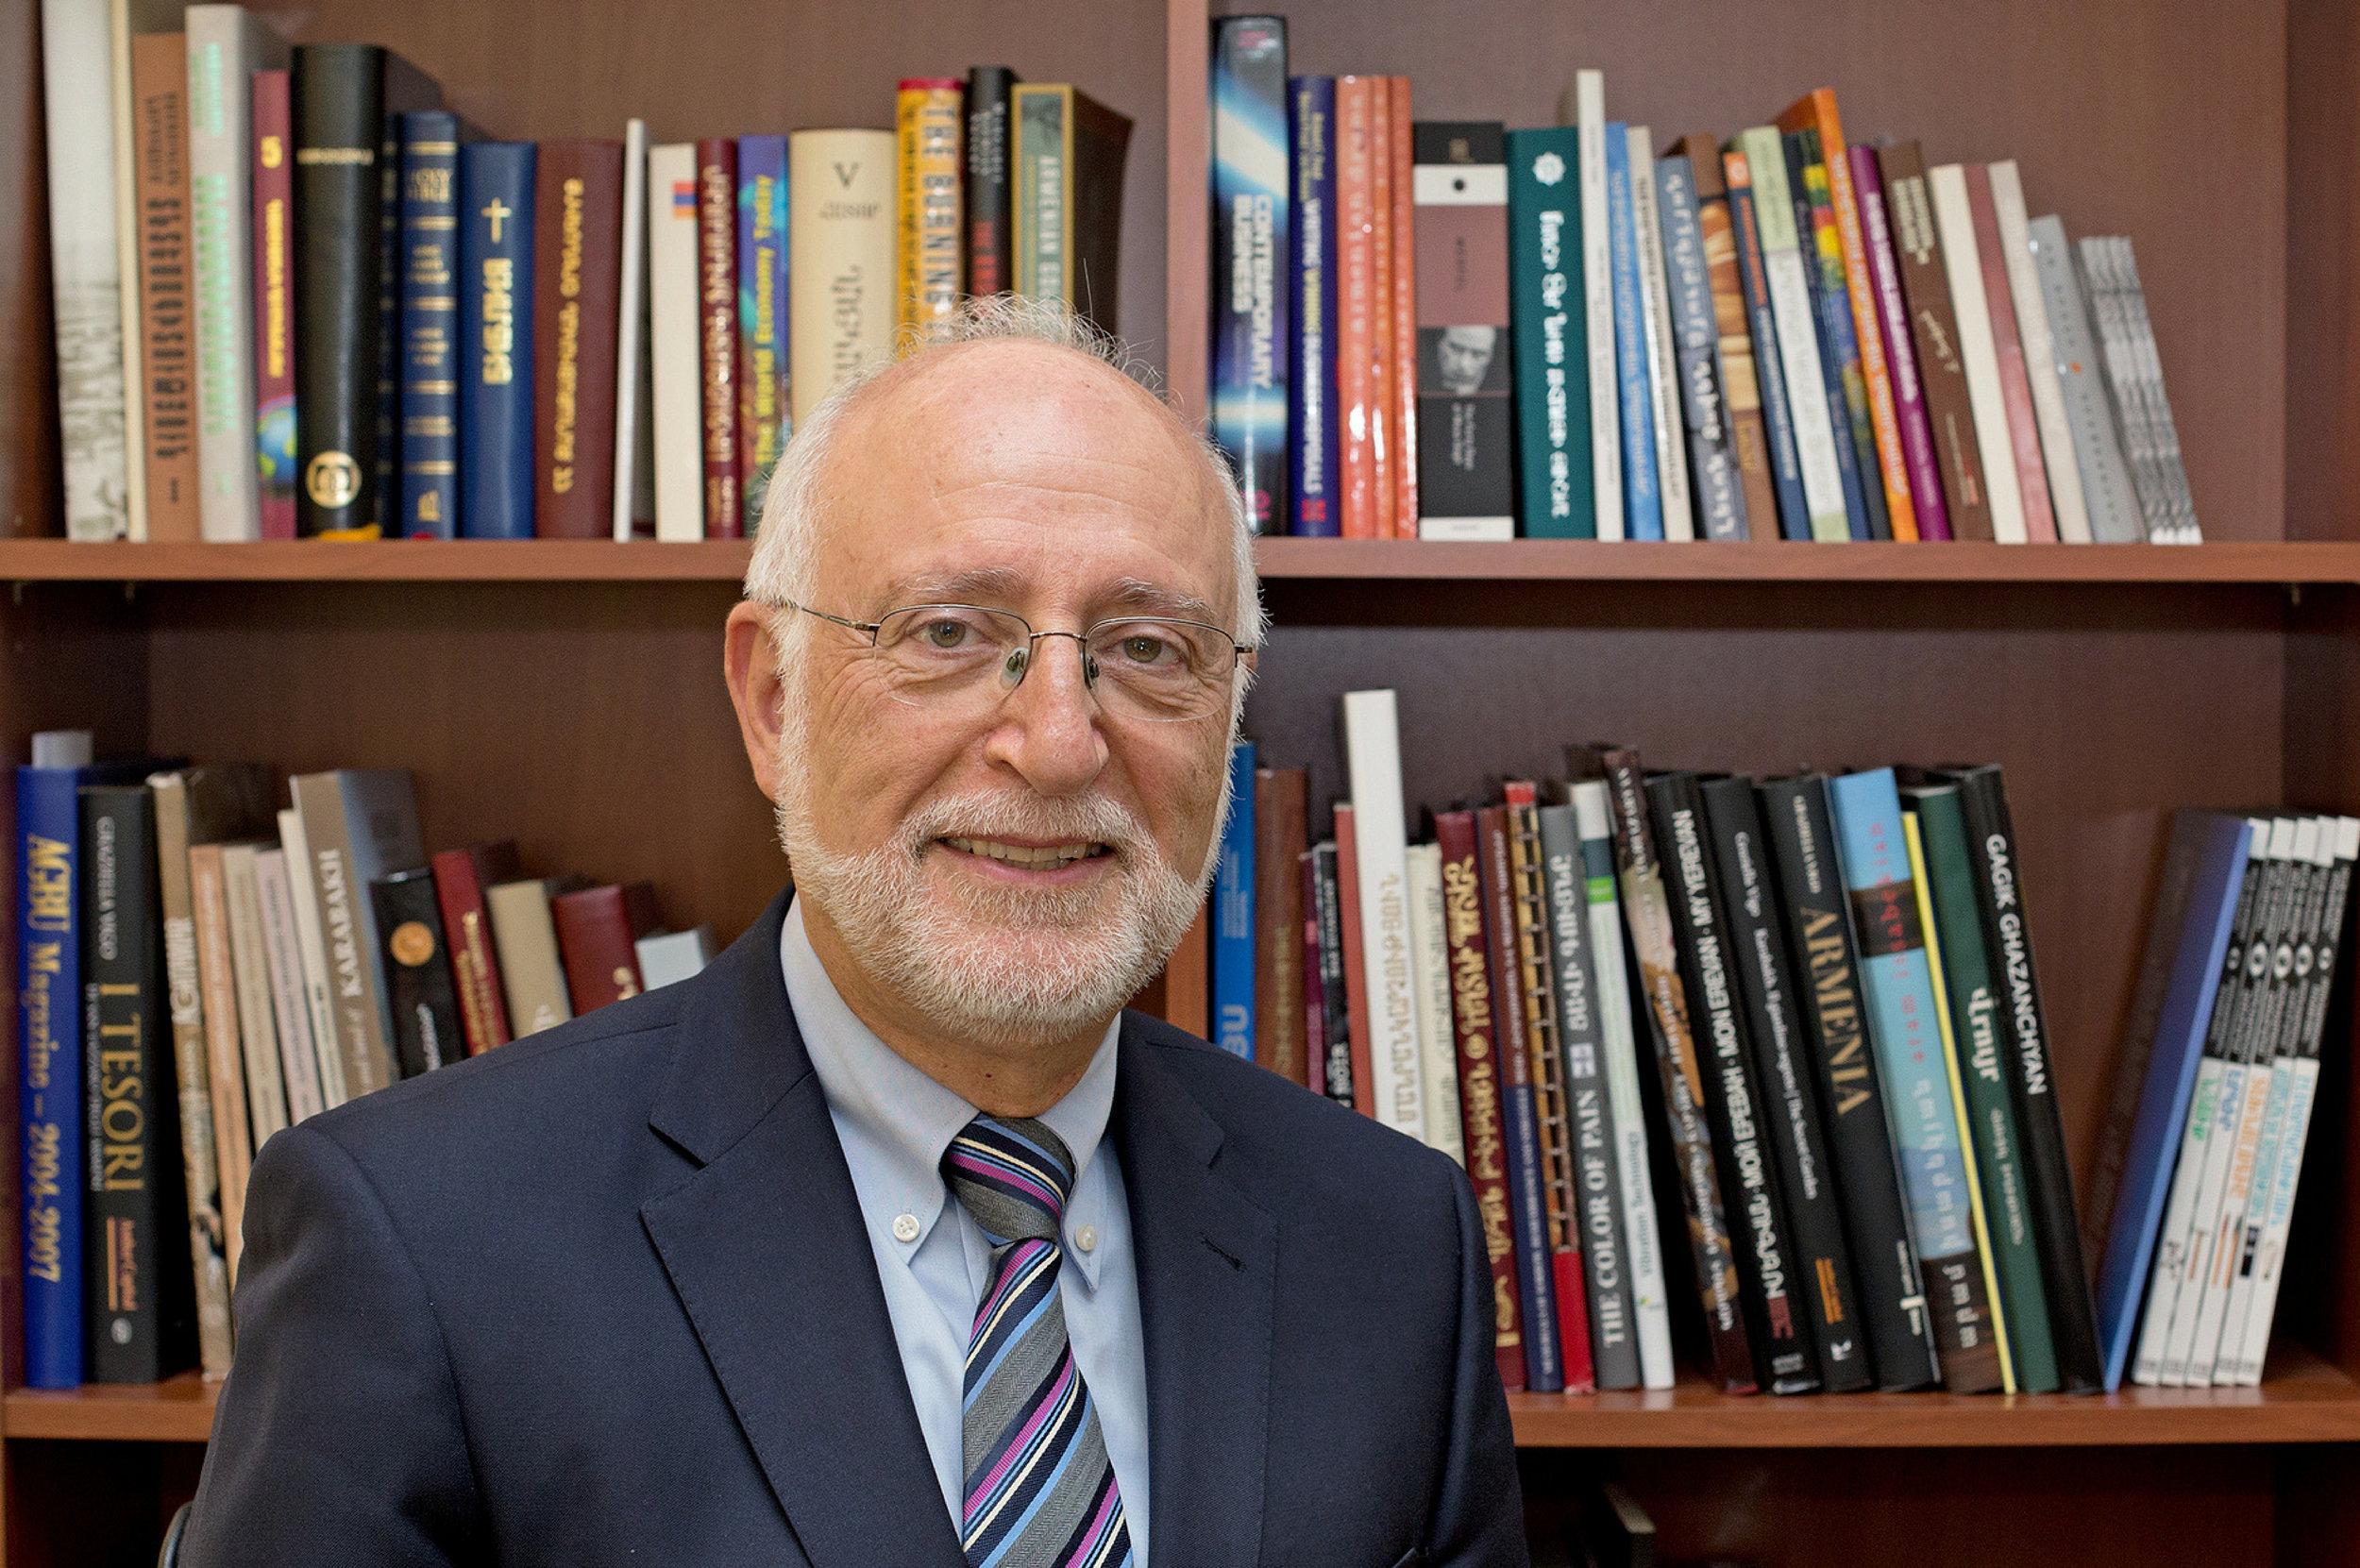 Արմեն Դեր-Կյուրեղյան - Պատմություն այն մասին, թե ինչպես 1988թ. երկրաշարժից հետո ստեղծվեց Հայաստանի Ամերիկյան Համալսարանը: